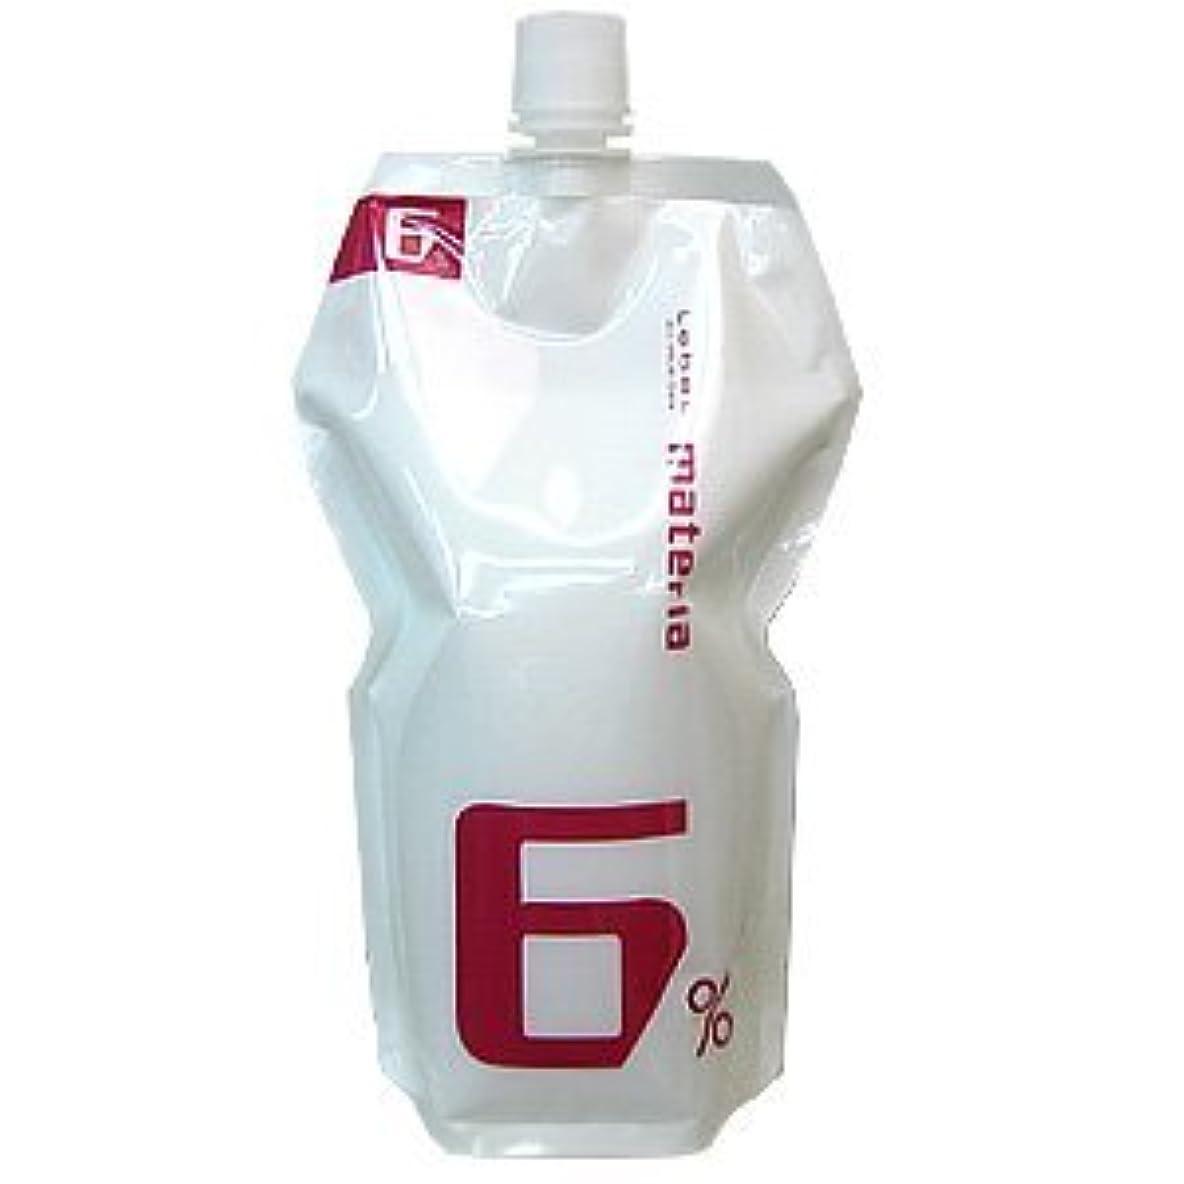 大いにアソシエイトキャンセルルベル マテリア インテグラルライン オキシ 1000mL 6%(ヘアカラー2剤) 医薬部外品